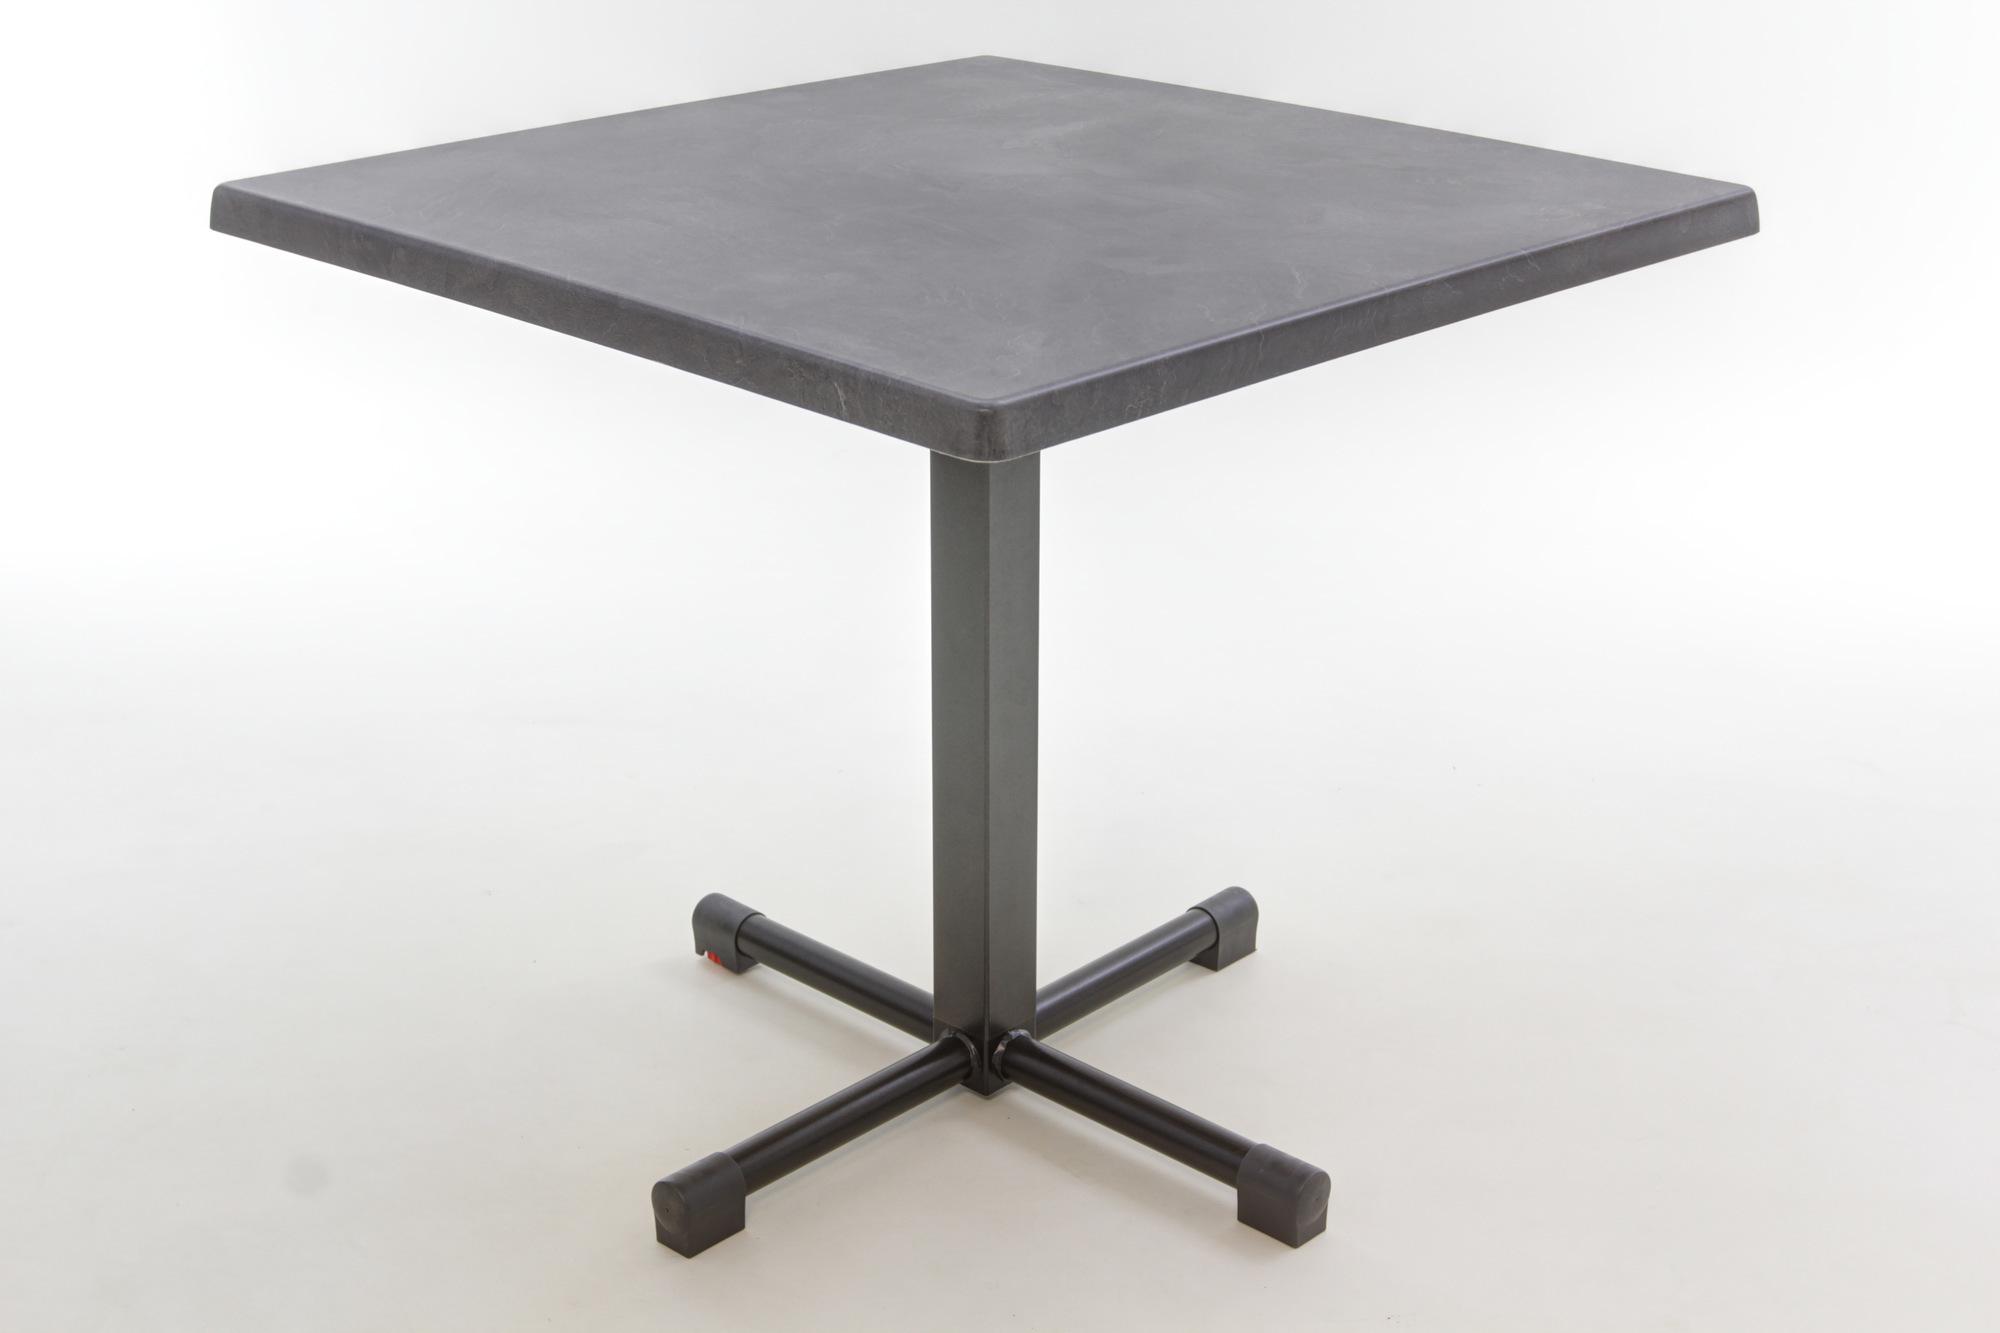 1547120819-gartenmoebel-80x80cm-gastrotisch-amrum.jpg